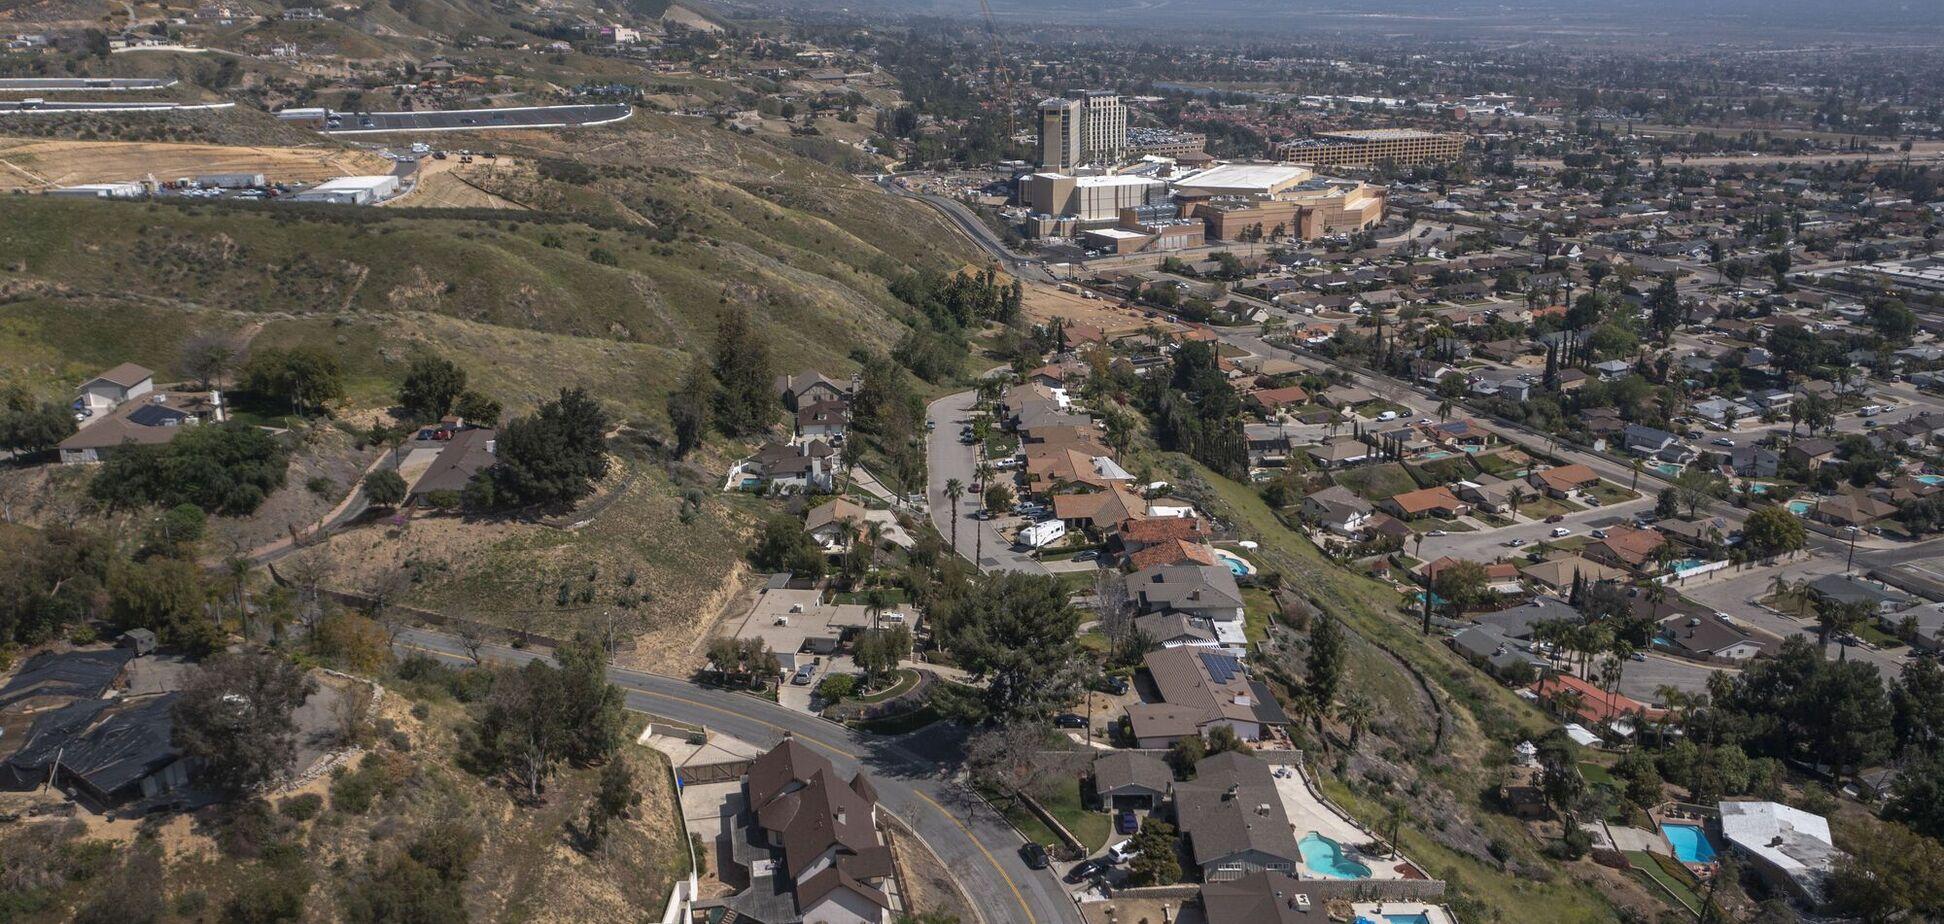 В Калифорнии произошло самое мощное за 27 лет землетрясение